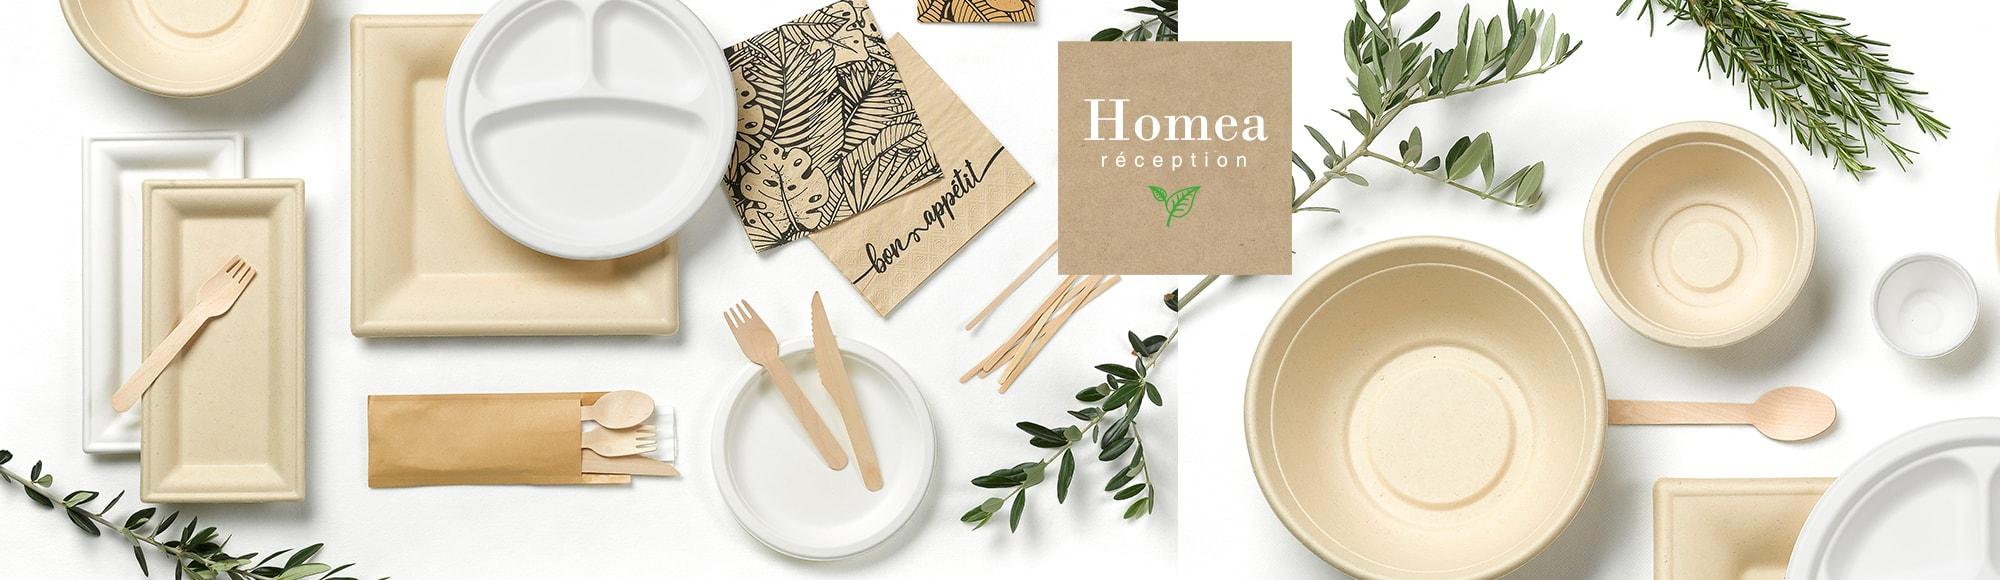 U10 - Fournisseur en décoration d'intérieur - marque homea - reception - vaisselle eco